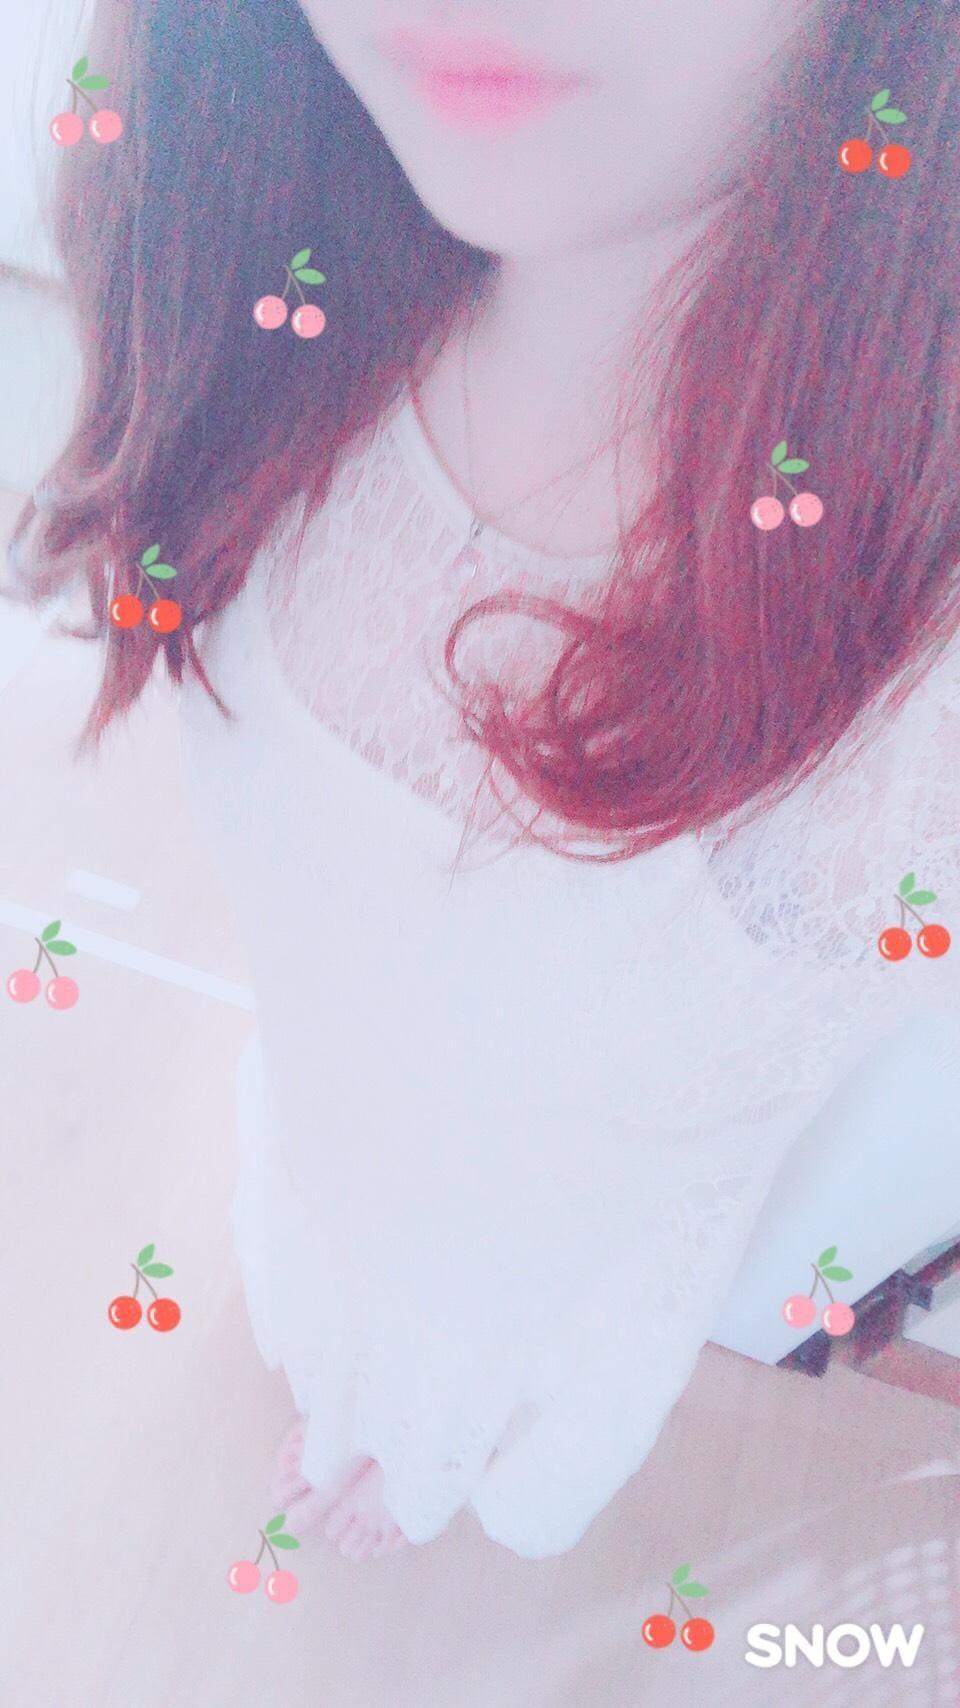 さゆり「さゆり」07/17(火) 18:25 | さゆりの写メ・風俗動画